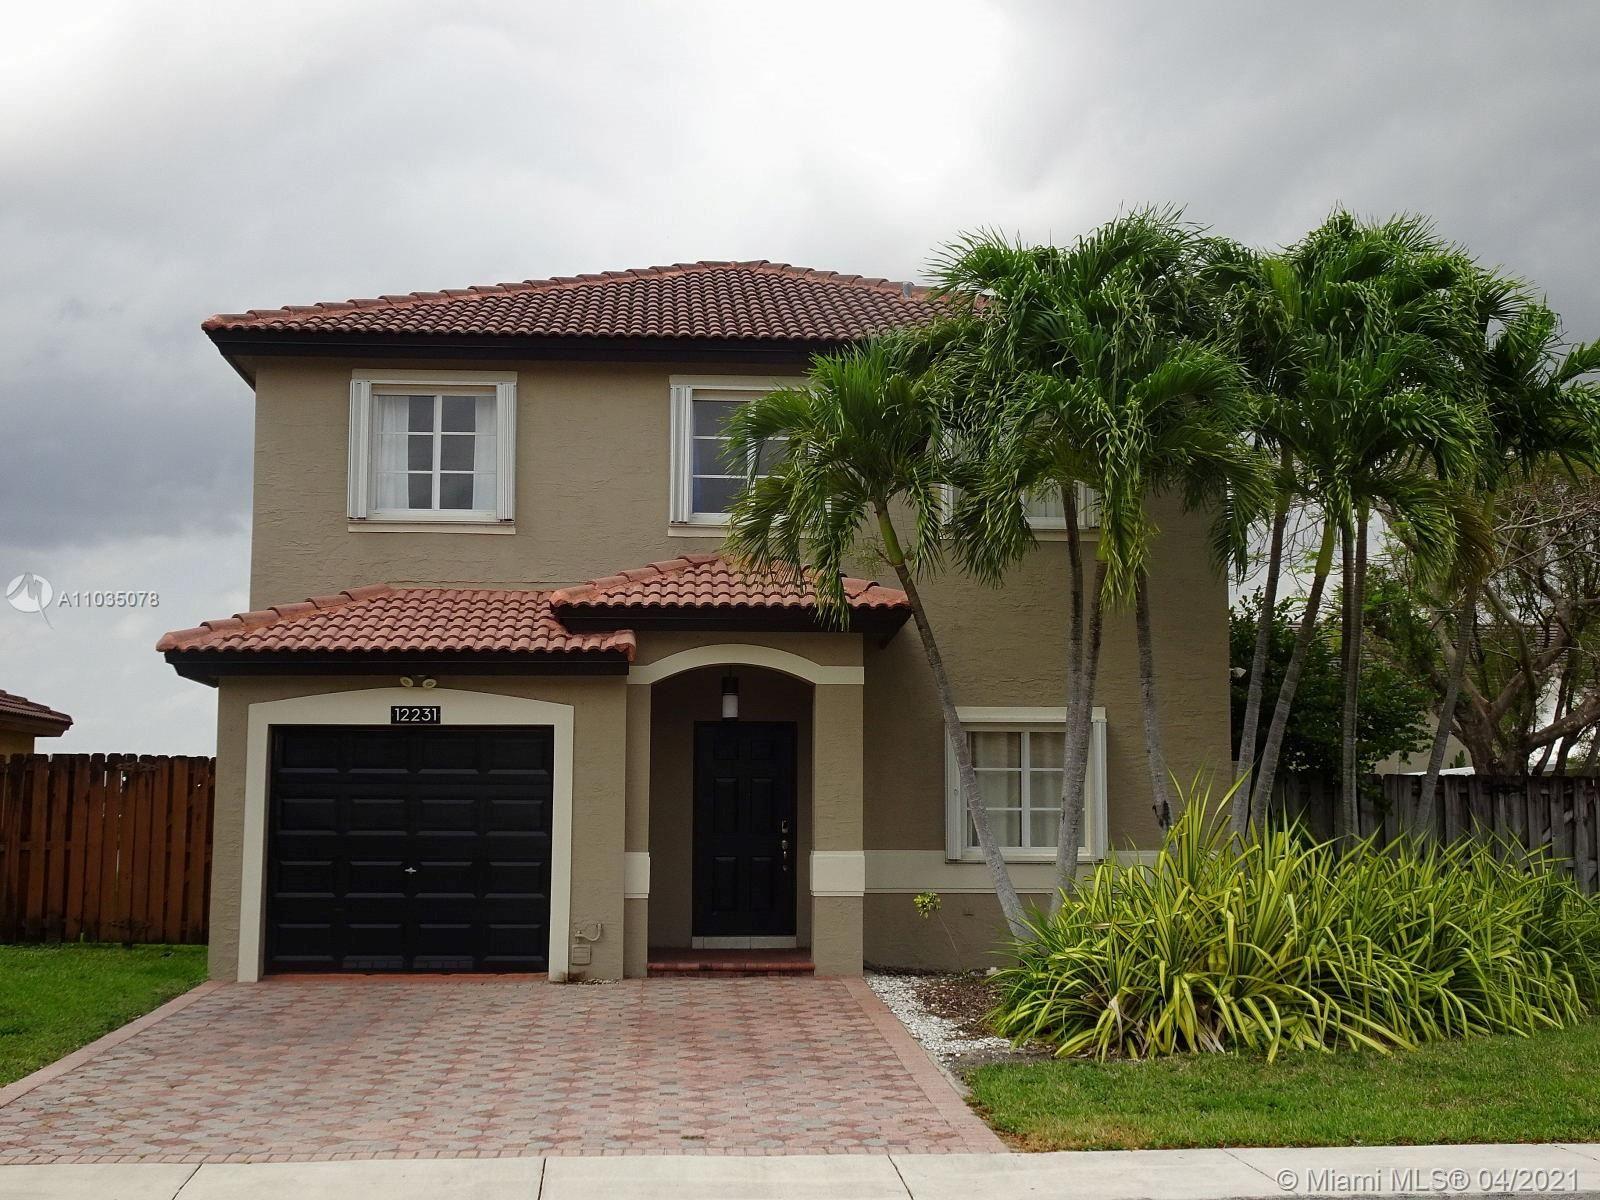 12231 SW 140th St, Miami, FL 33186 - #: A11035078